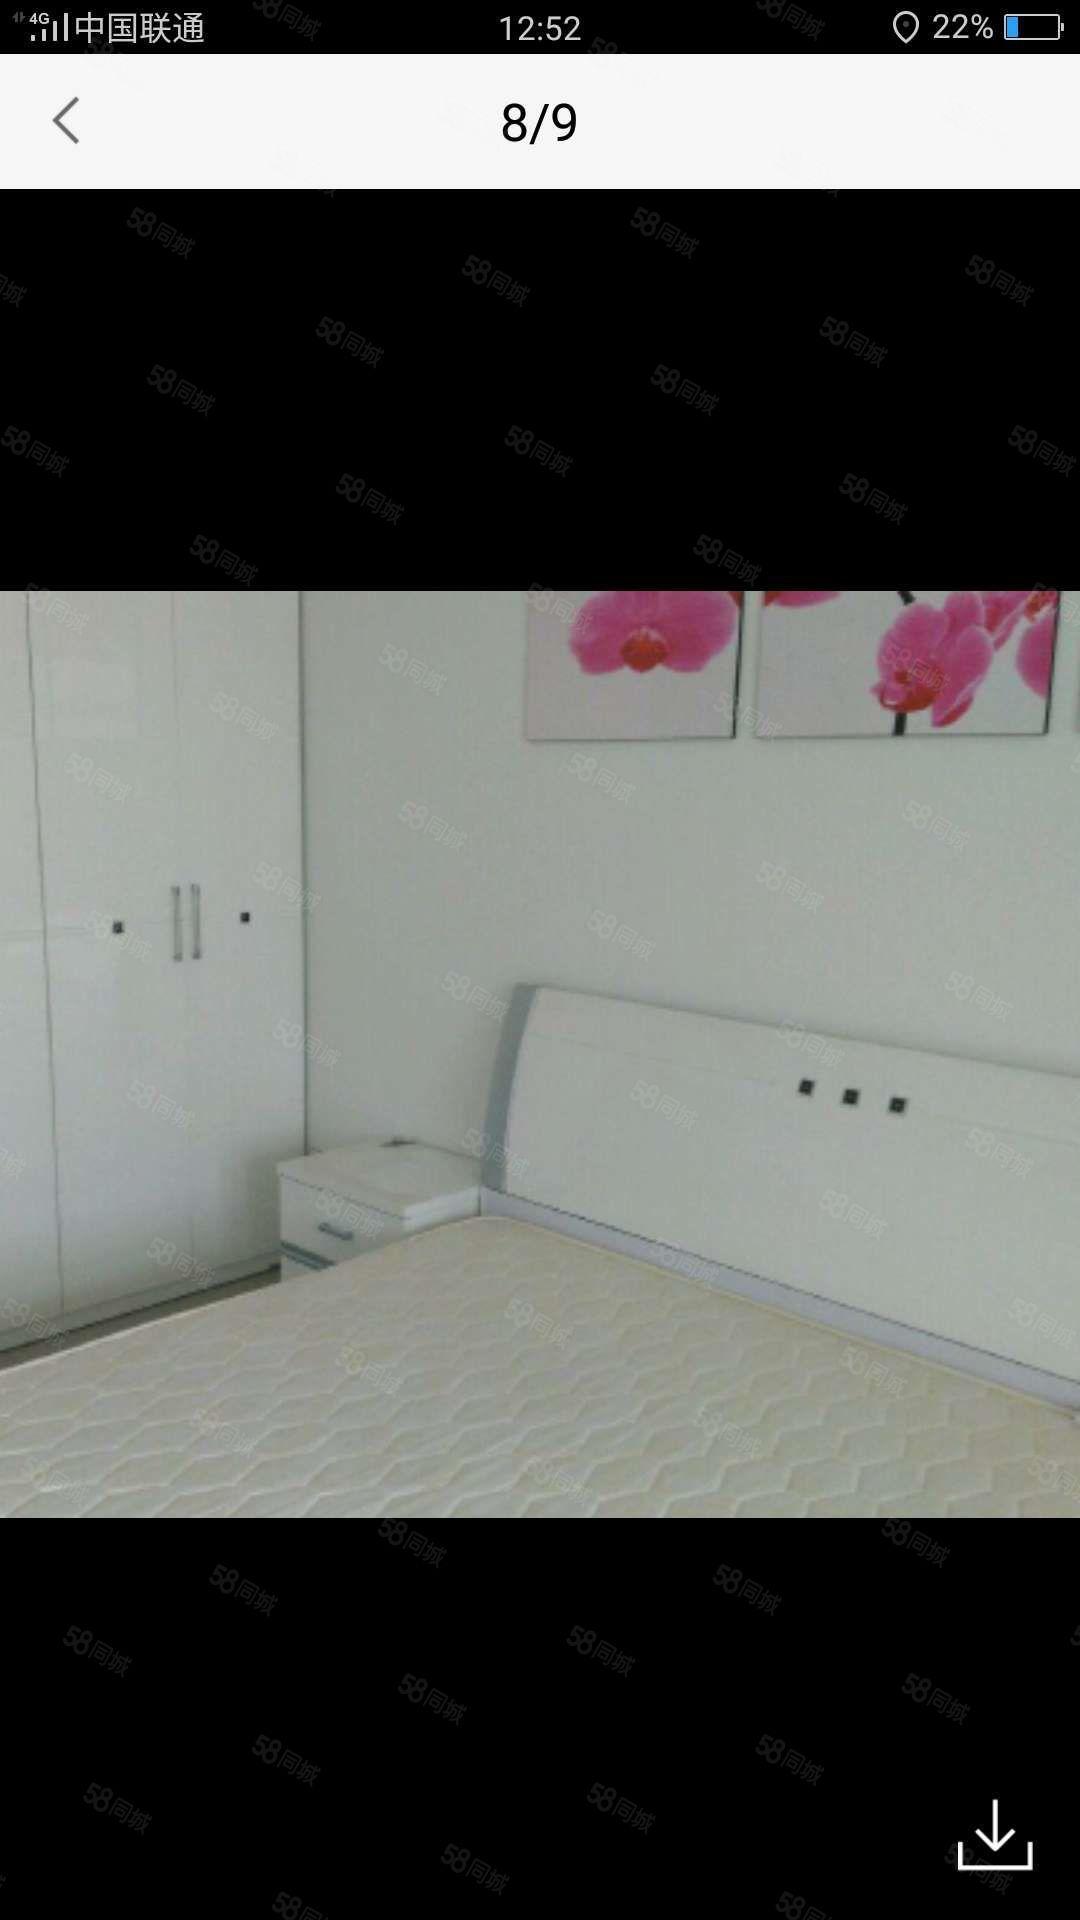 冠亚电梯房两室简单装修可领包入住年租1.6万